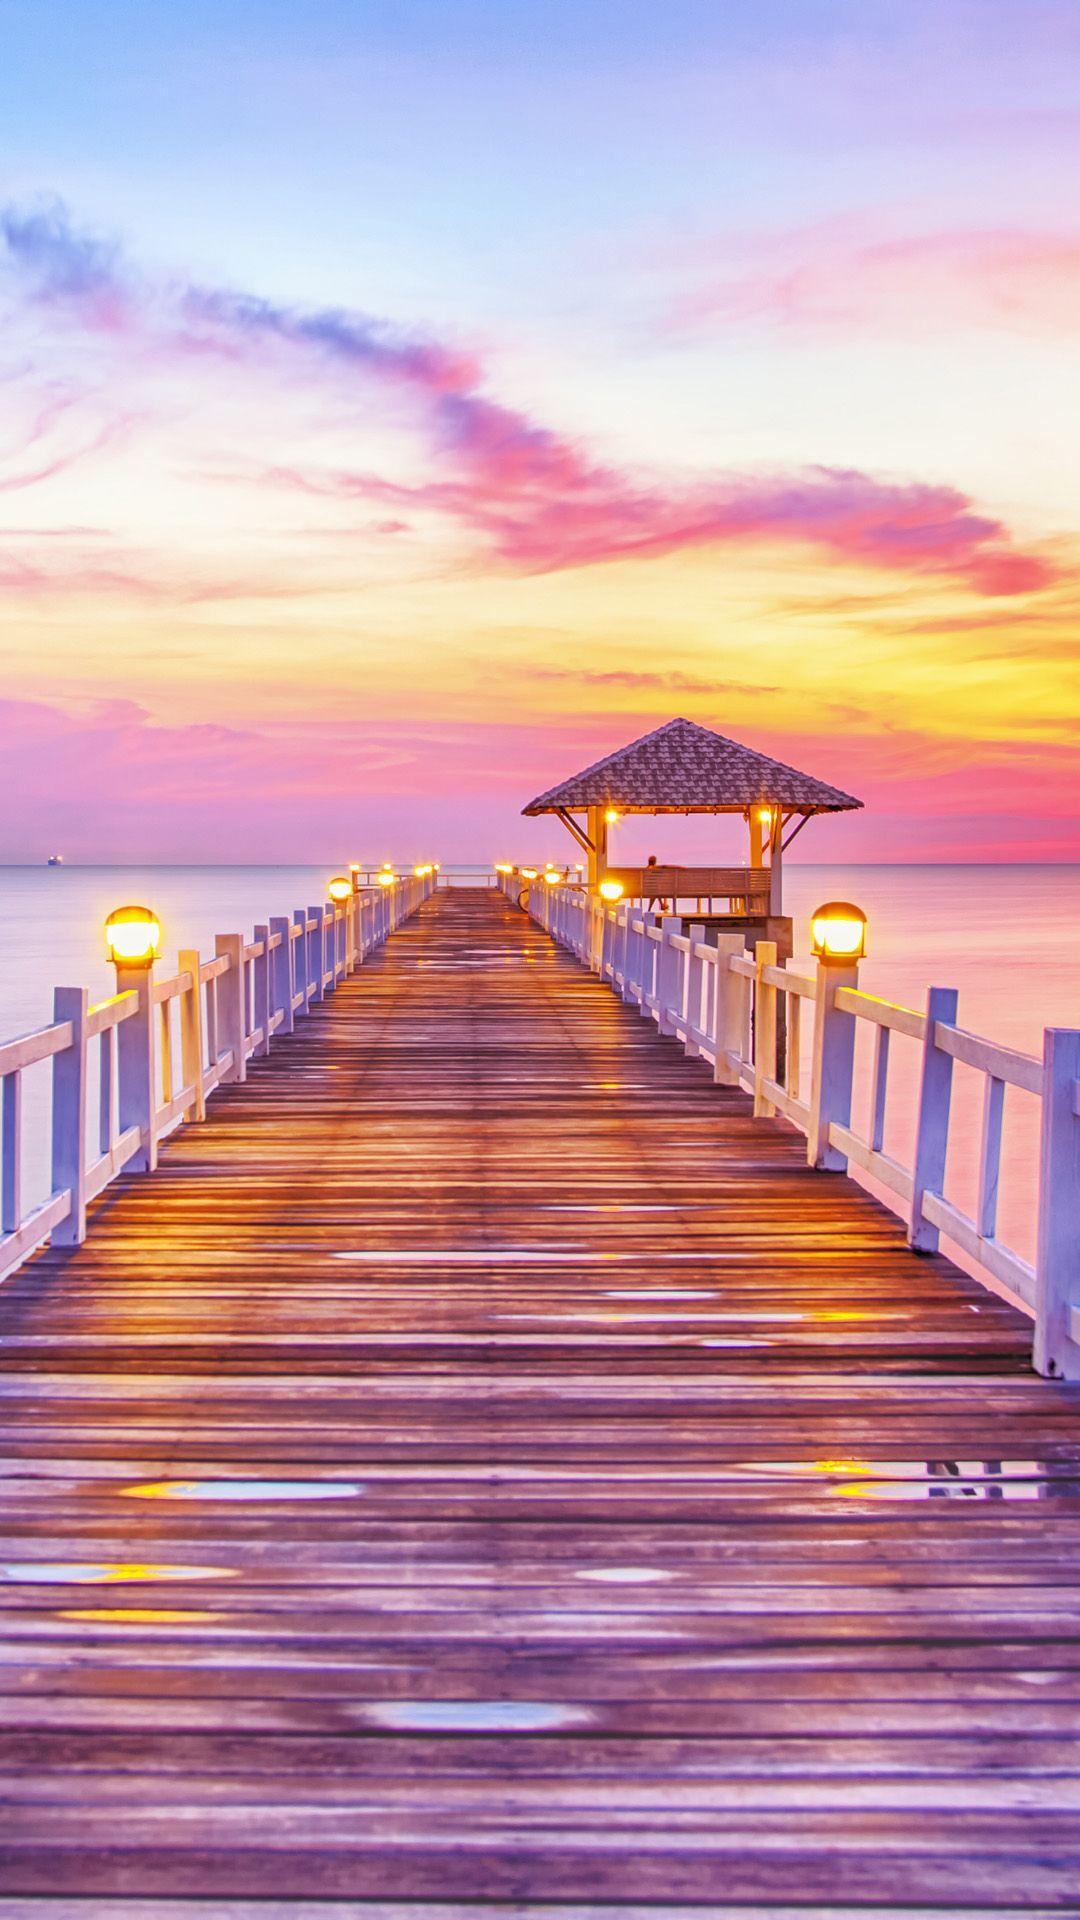 Wonderful fury sunset endless skyline iphone 6 plus - Sunset iphone background ...